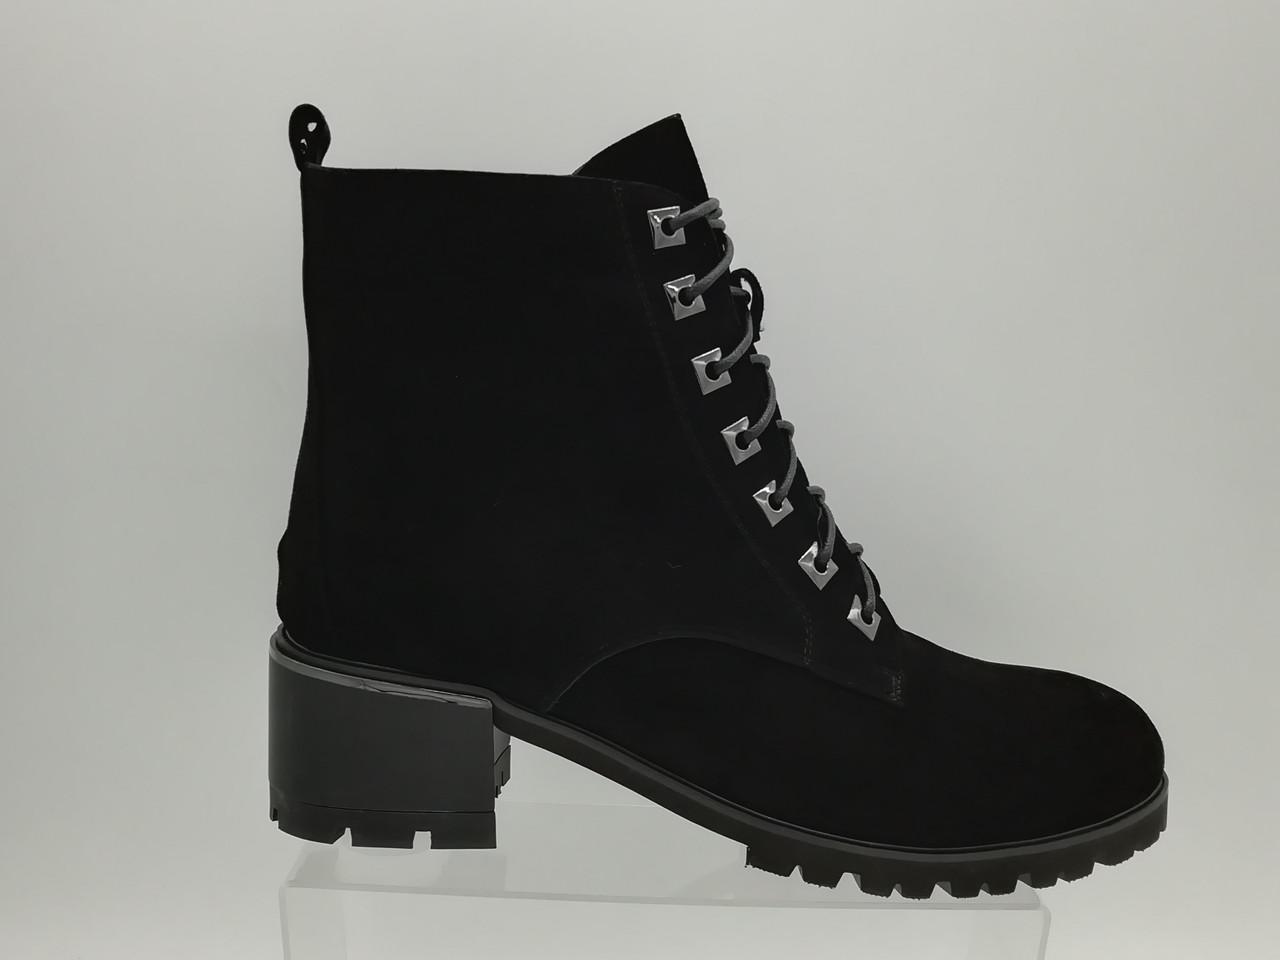 Зимние ботинки на низком каблуке. Большие размеры (41 - 43). Erisses.